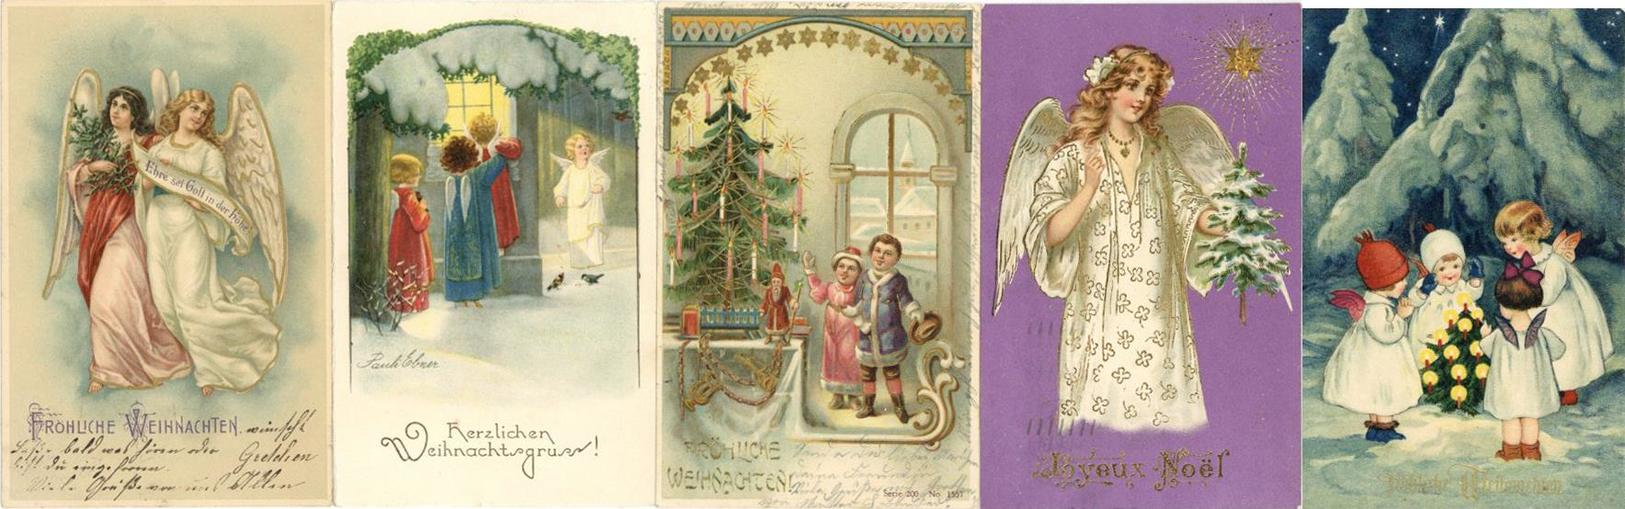 Weihnachten Album Mit Circa 200 Ansichtskarten 1900 Bis 60'er Jahre Dabei Viele Lithos I-II Noel - Christmas